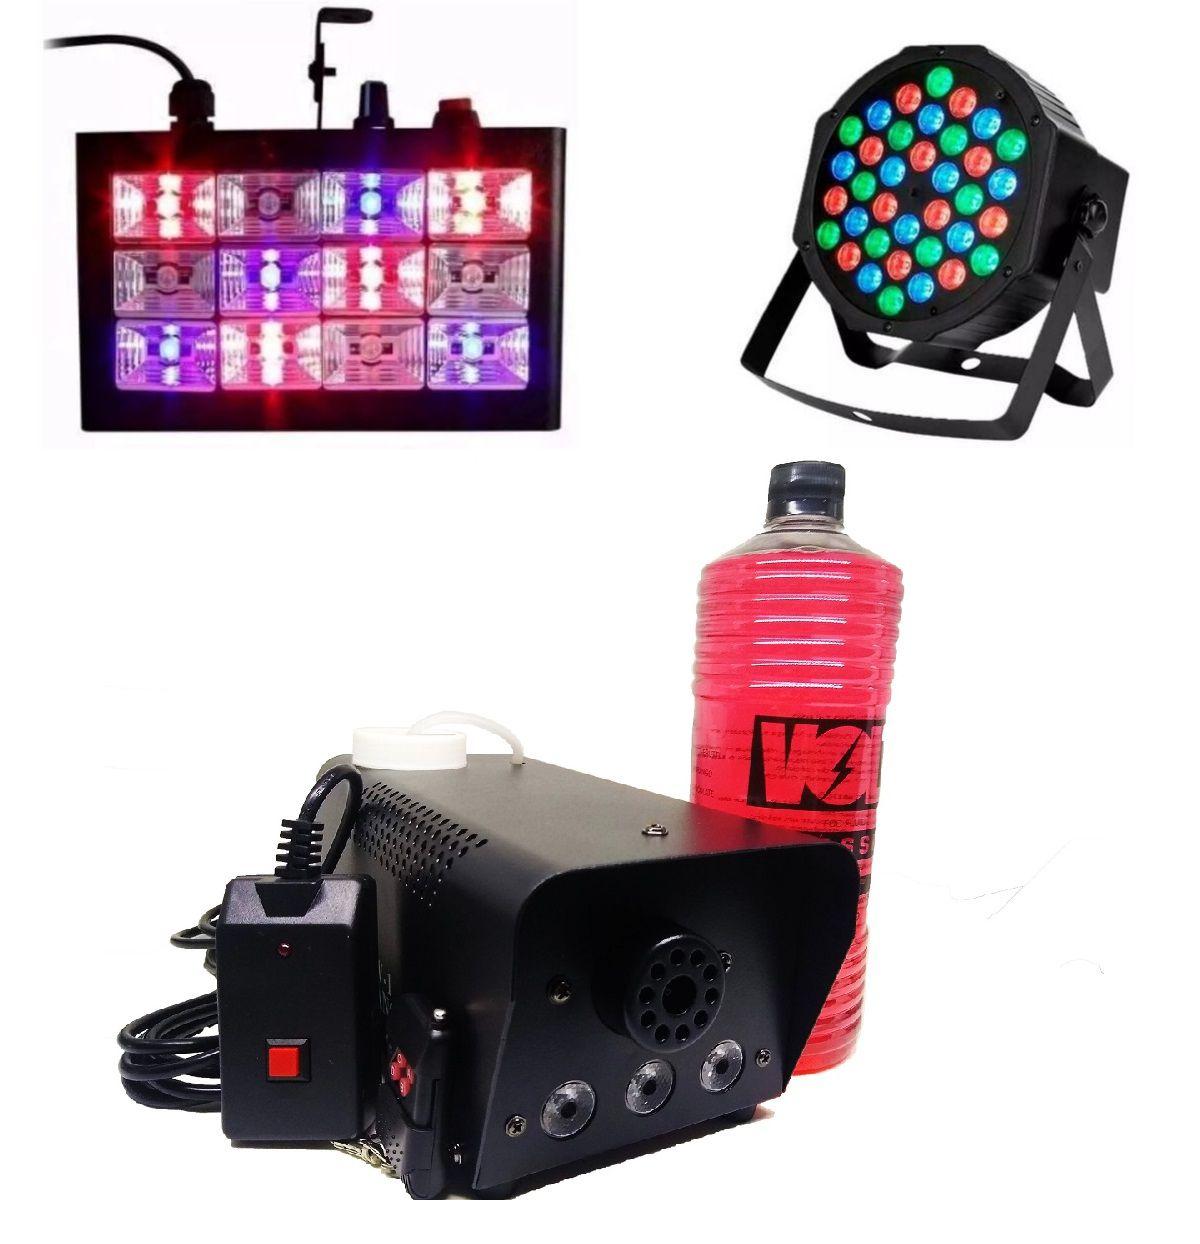 Kit Para Festa Luz 36 Leds 64 Rgb + Strobo Rgb + Maquina De Fumaça 600W Com Fluido